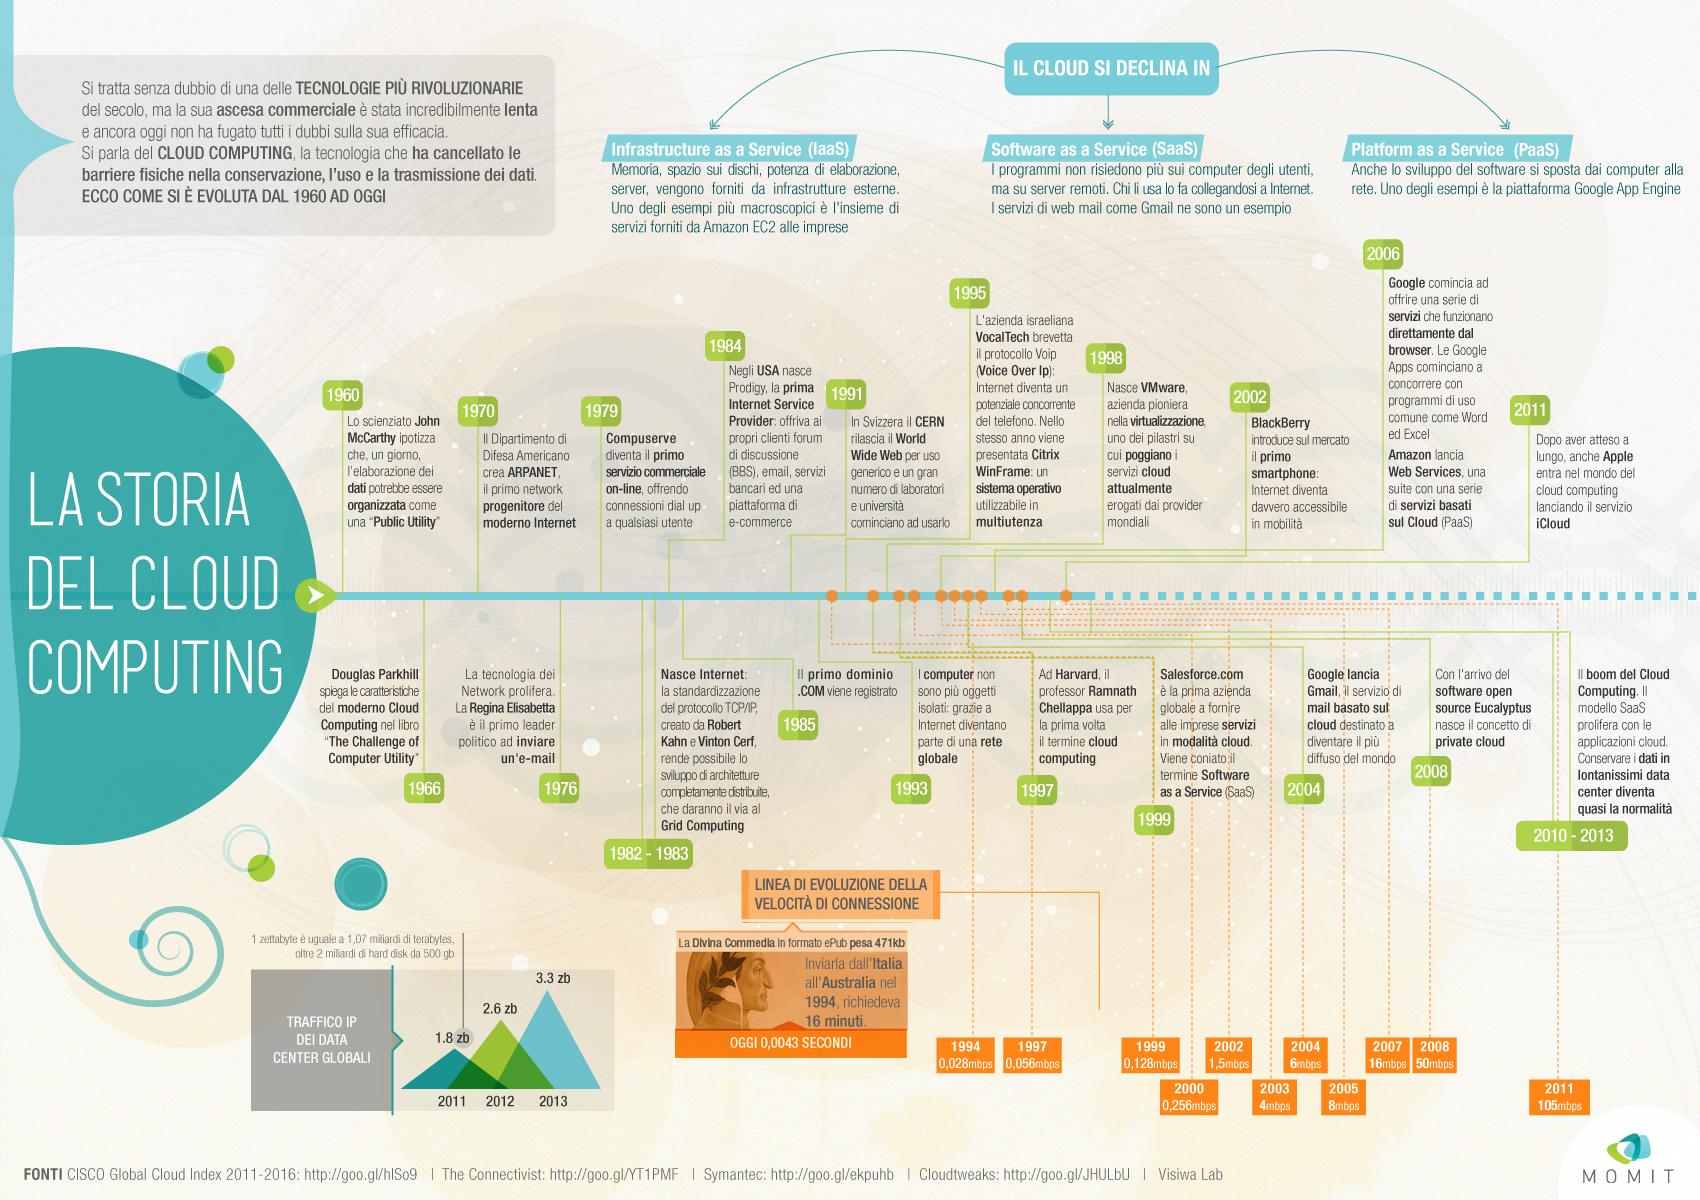 Storia del Cloud Computing - Infografica